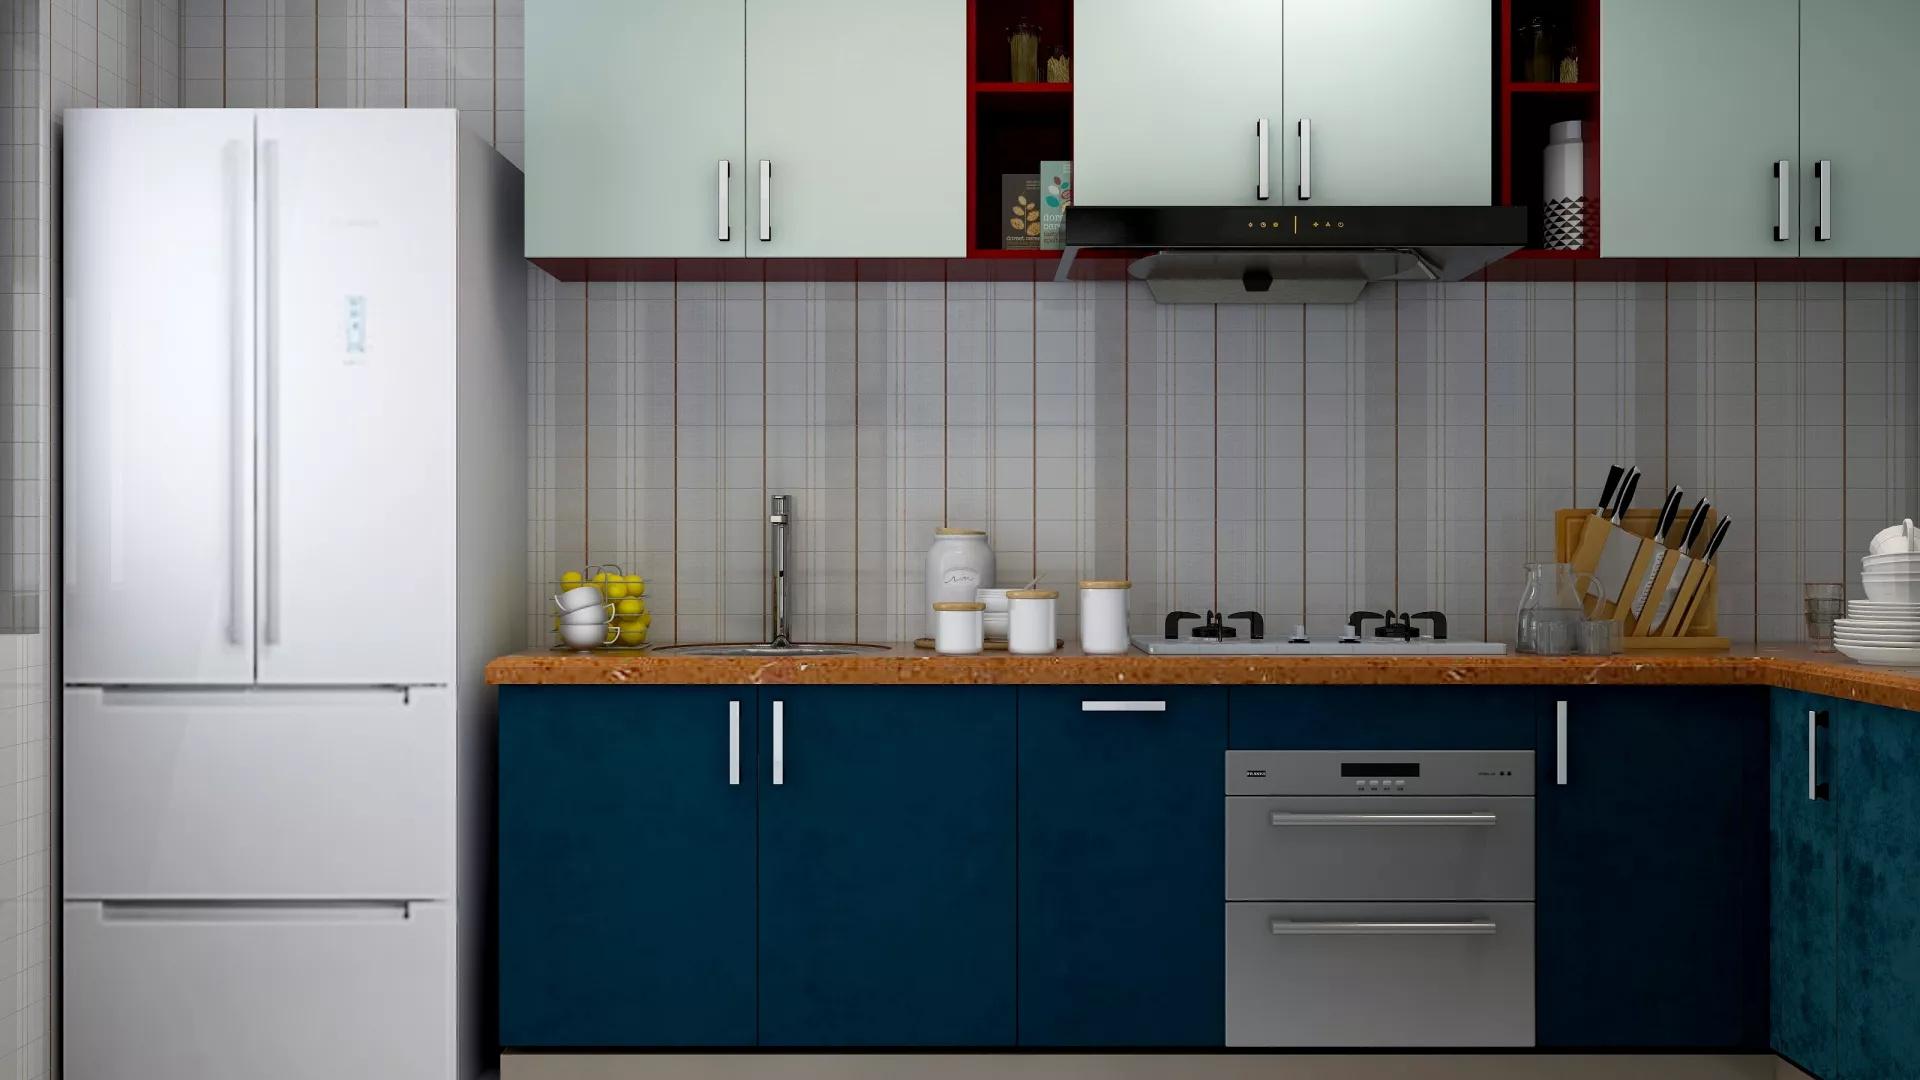 电磁炉和煤气灶哪个实用 煤气灶使用注意事项